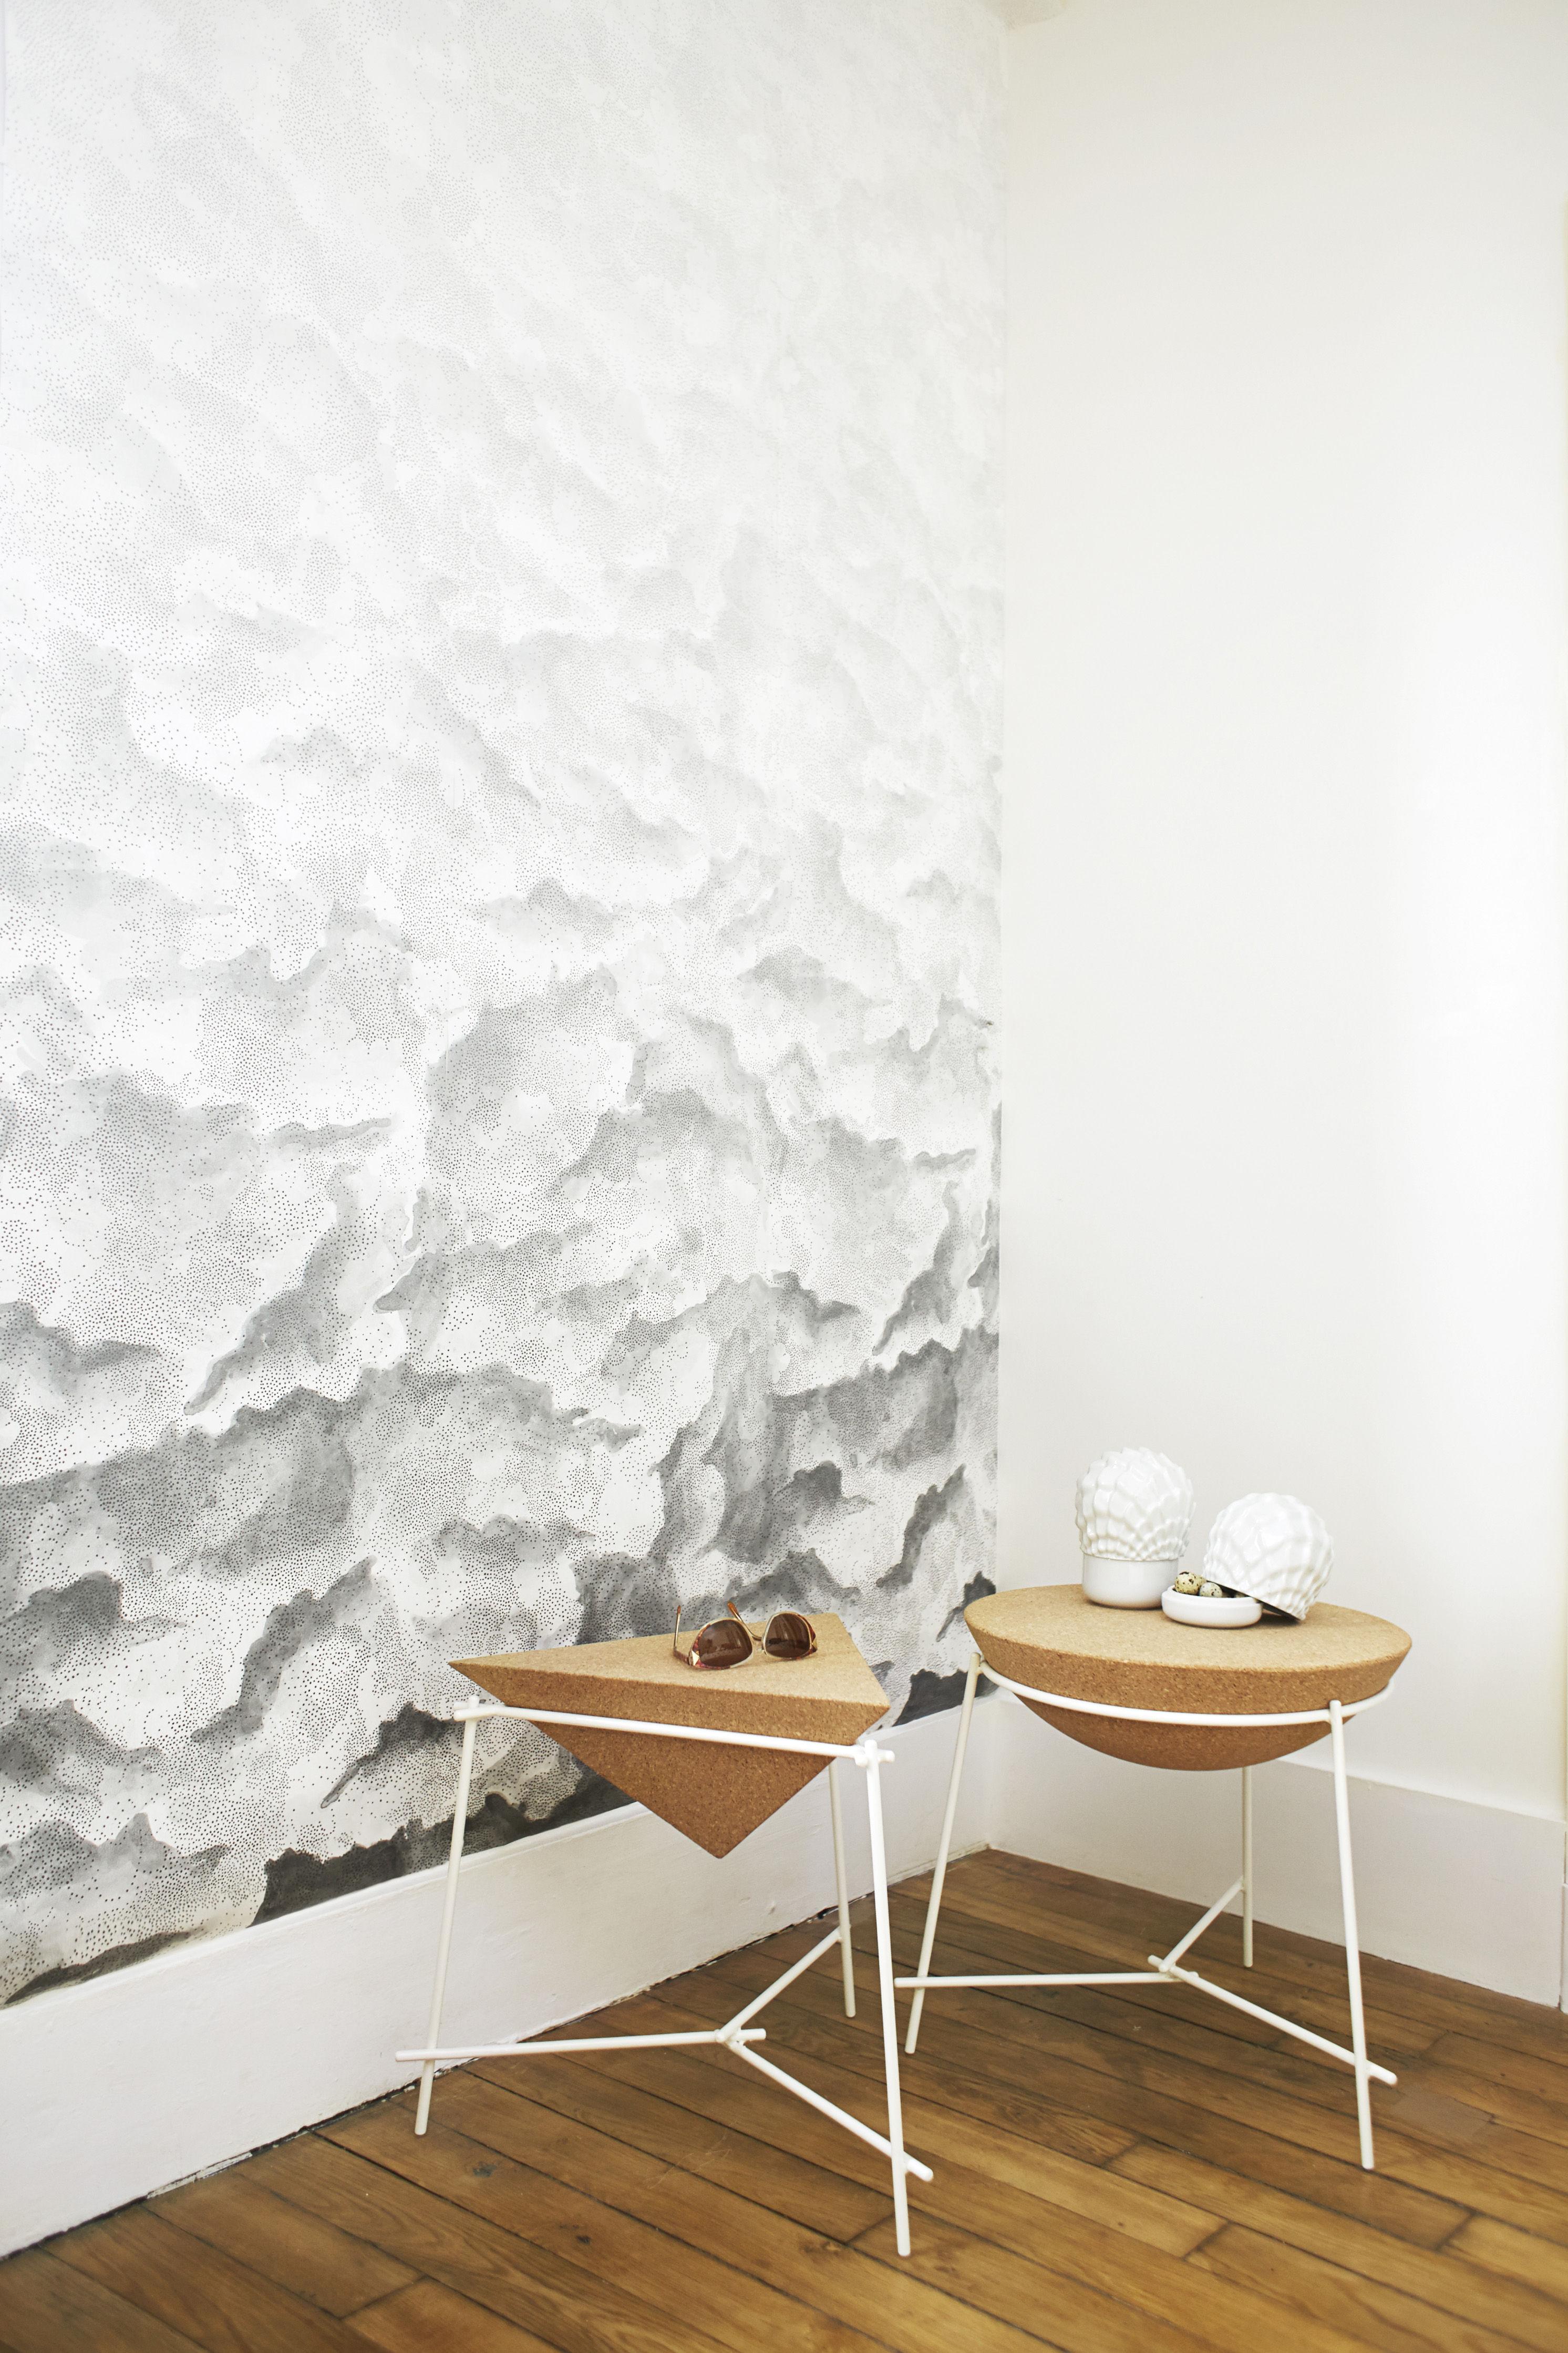 papier peint variation 1 1 rouleau larg 48 cm variation 1 blanc gris petite friture. Black Bedroom Furniture Sets. Home Design Ideas